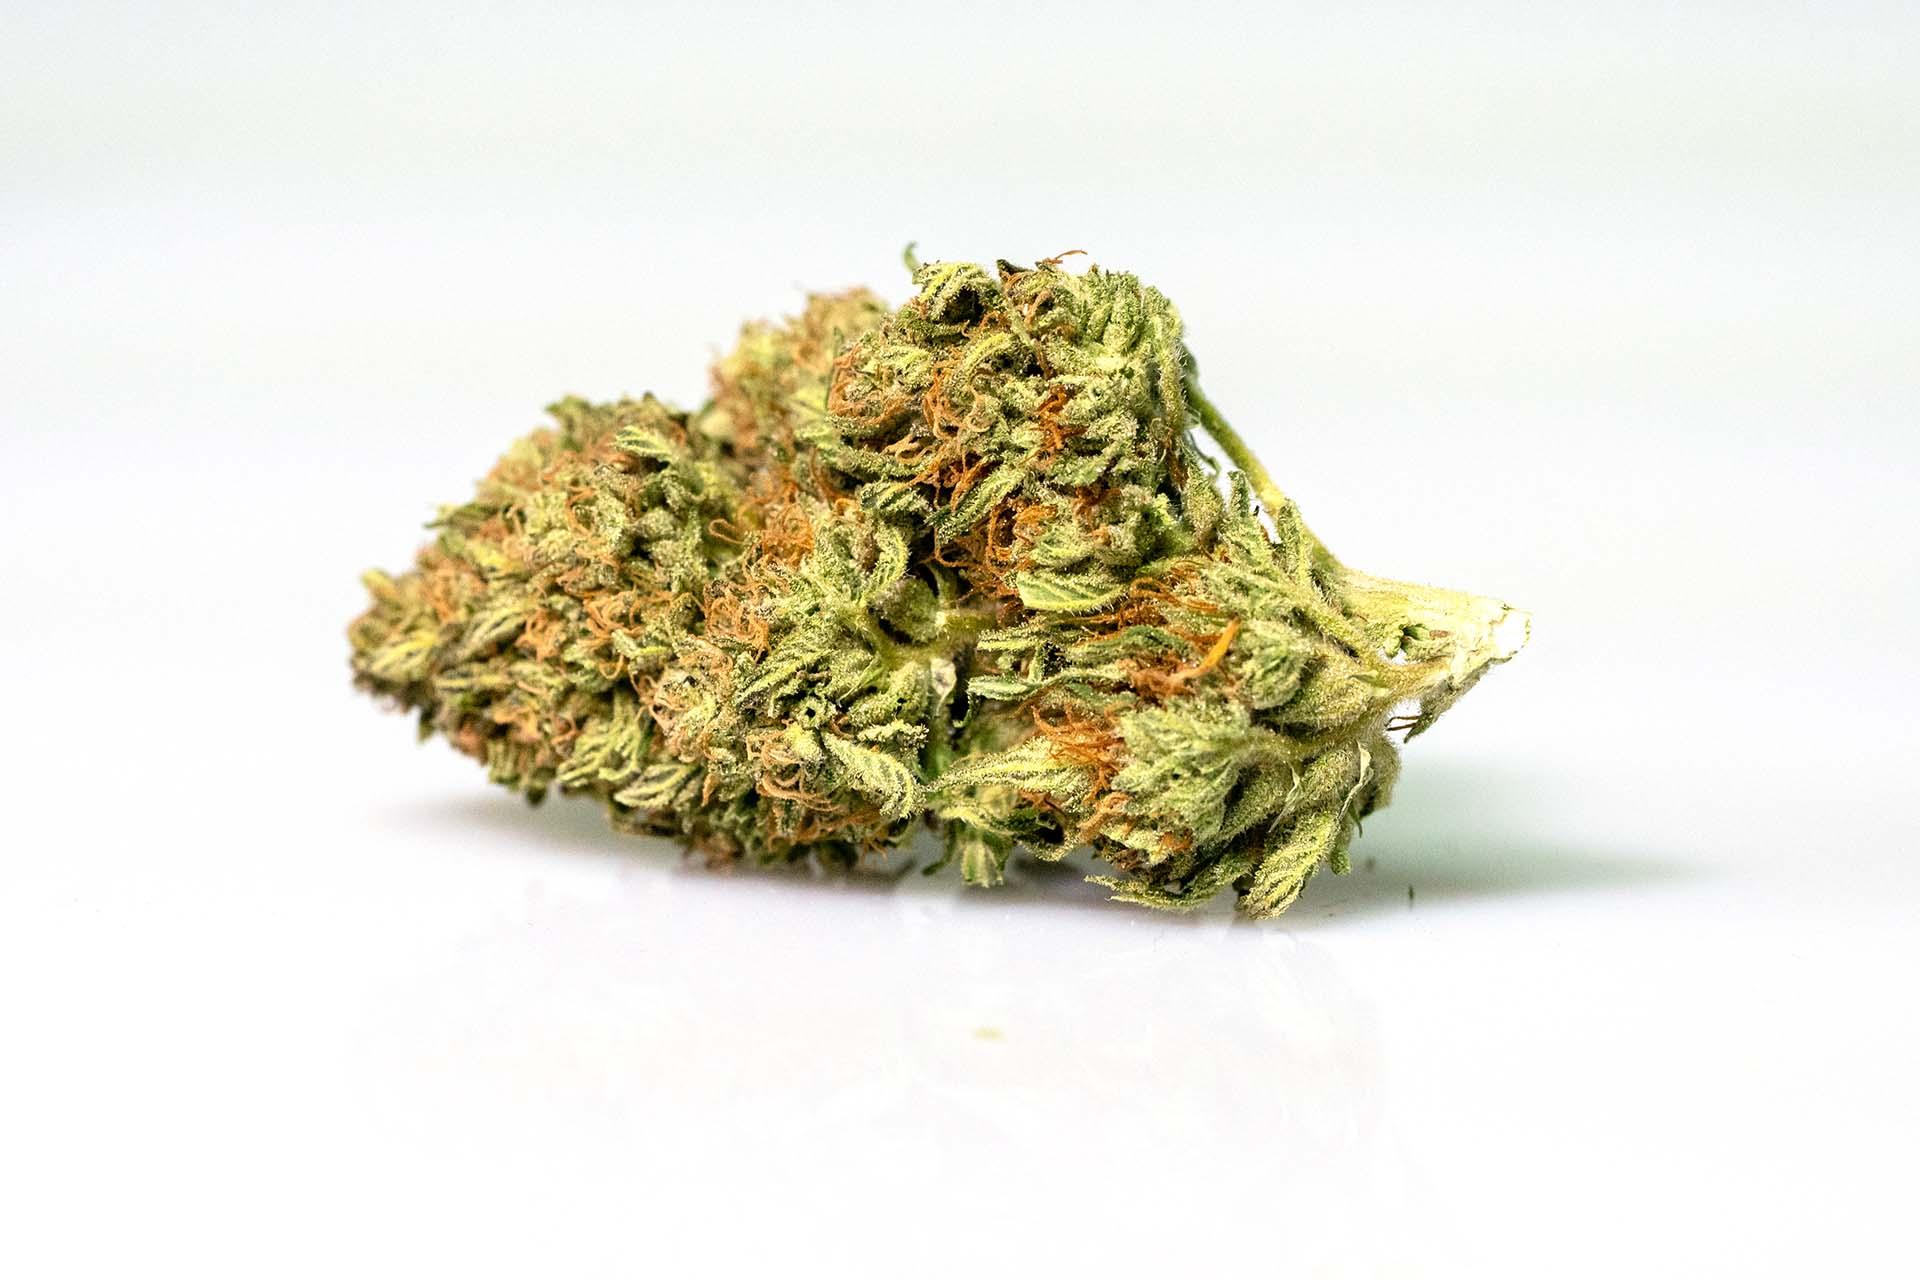 pot zero strain orange kush